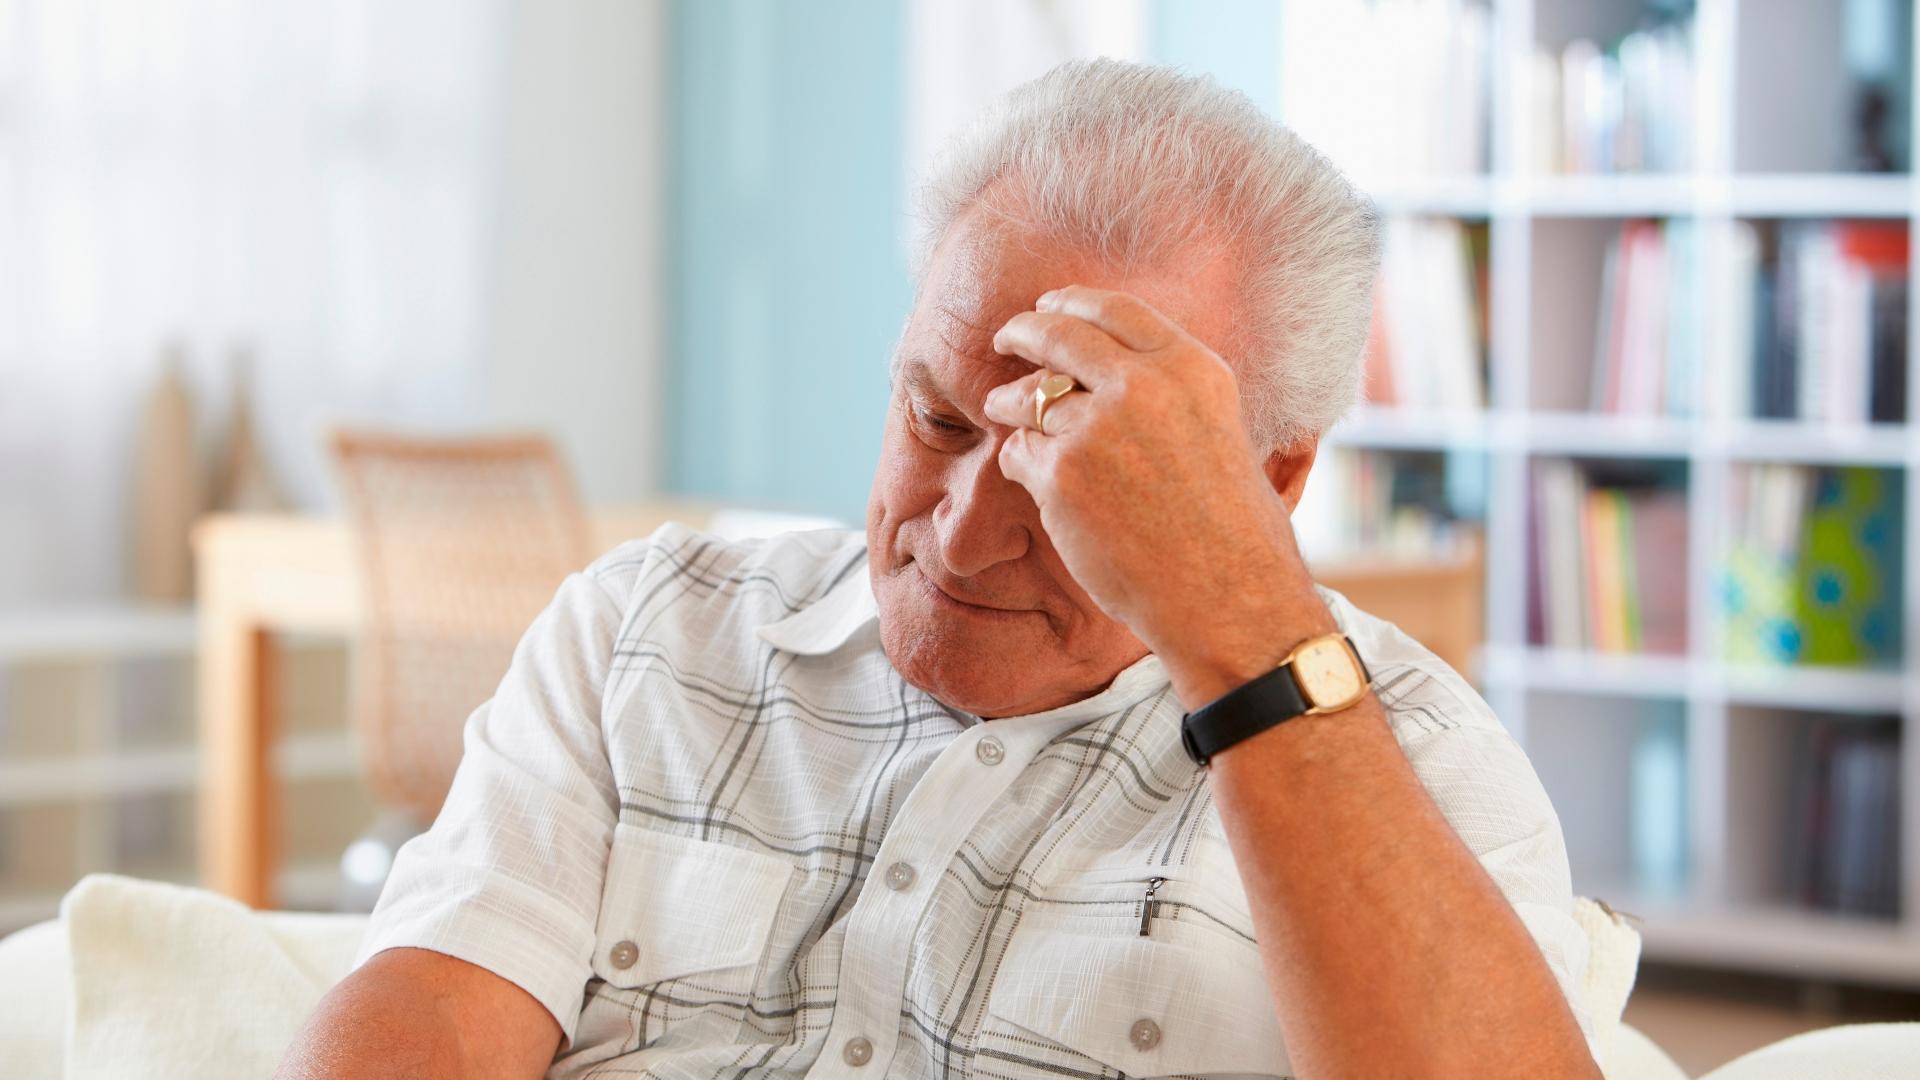 Глаголы помогут в ранней диагностике Альцгеймера